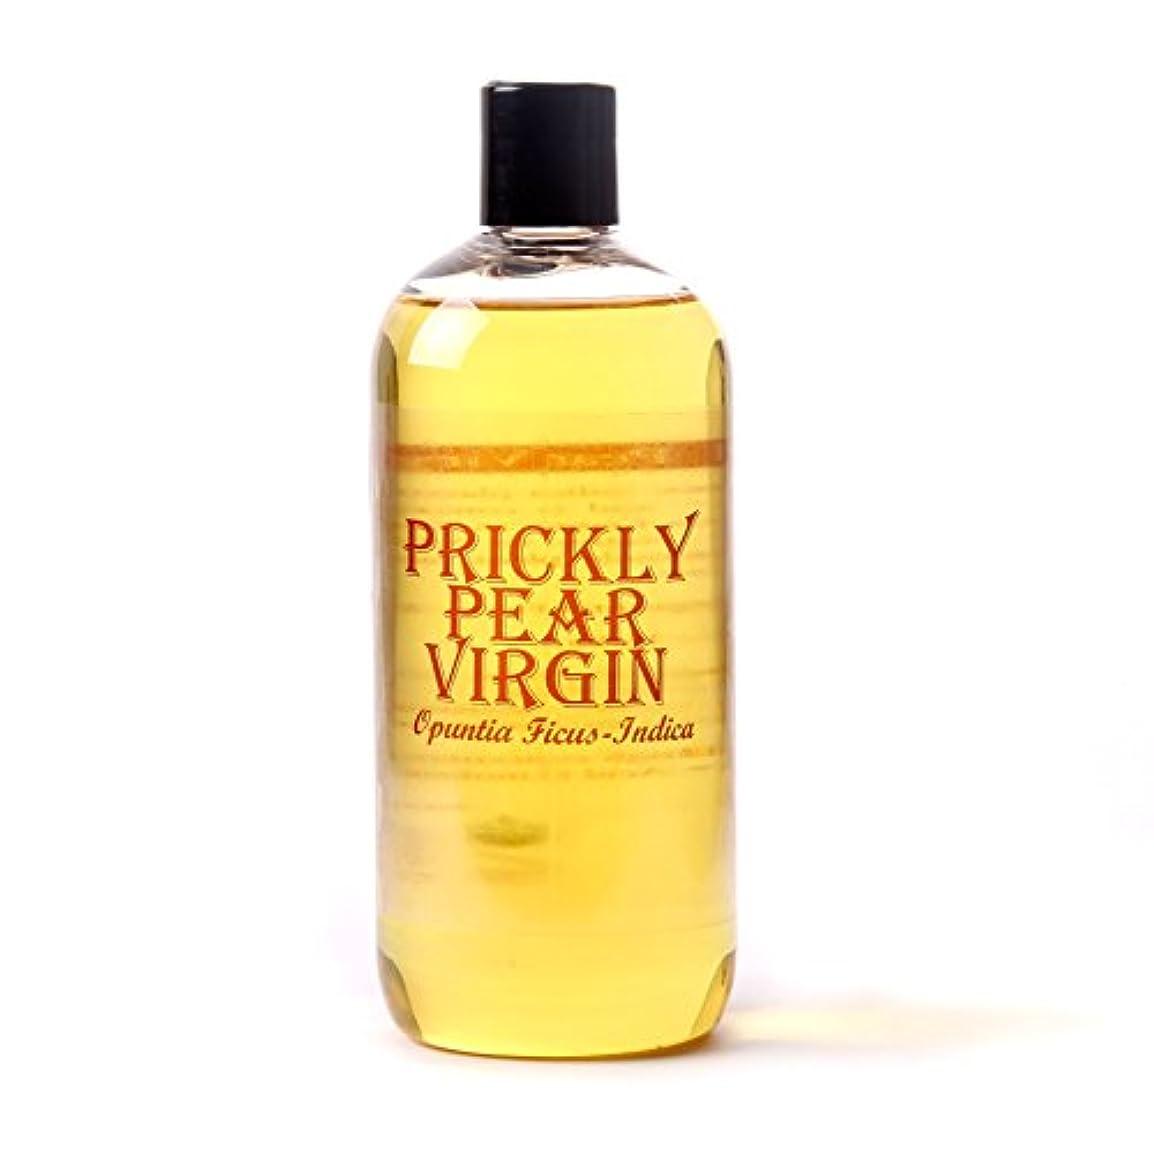 オンスわずらわしいテレビを見るPrickly Pear Virgin Carrier Oil - 100% Pure - 500ml